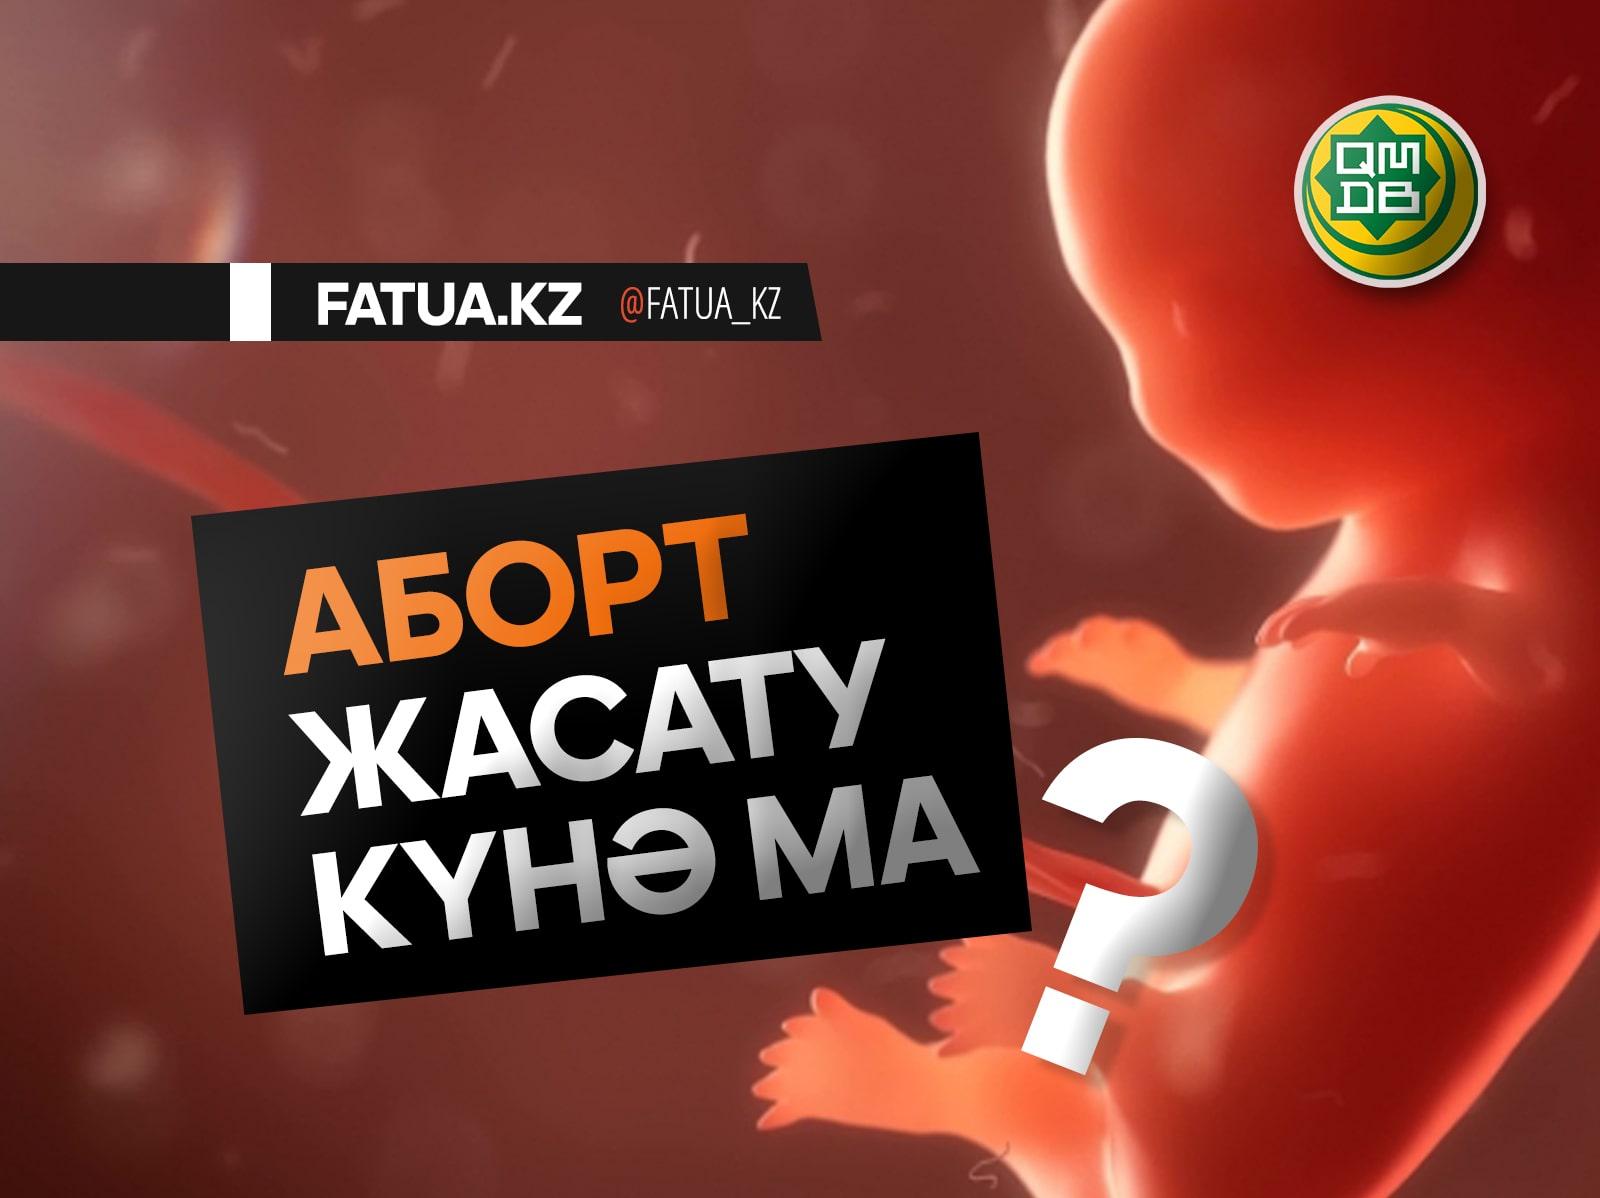 Аборт жасату күнә ма?